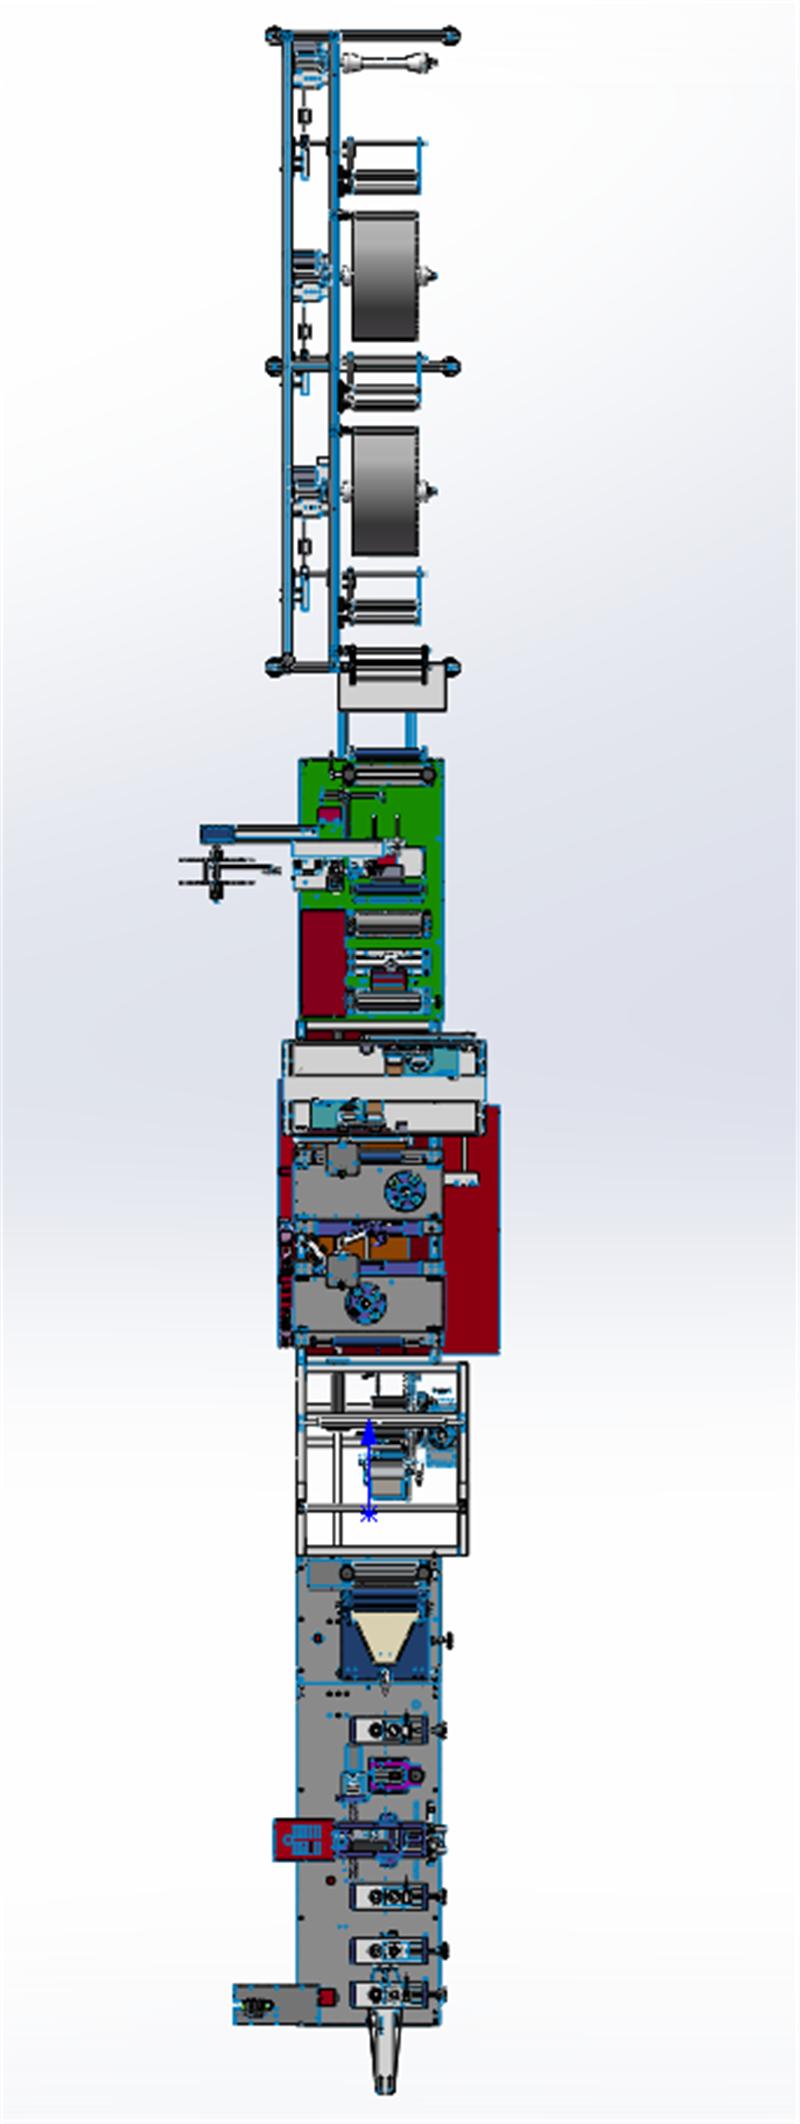 秒送口罩机图纸免费下载-百度网盘下载永久有效_3M_KN95口罩机  新冠防疫口罩 第2张